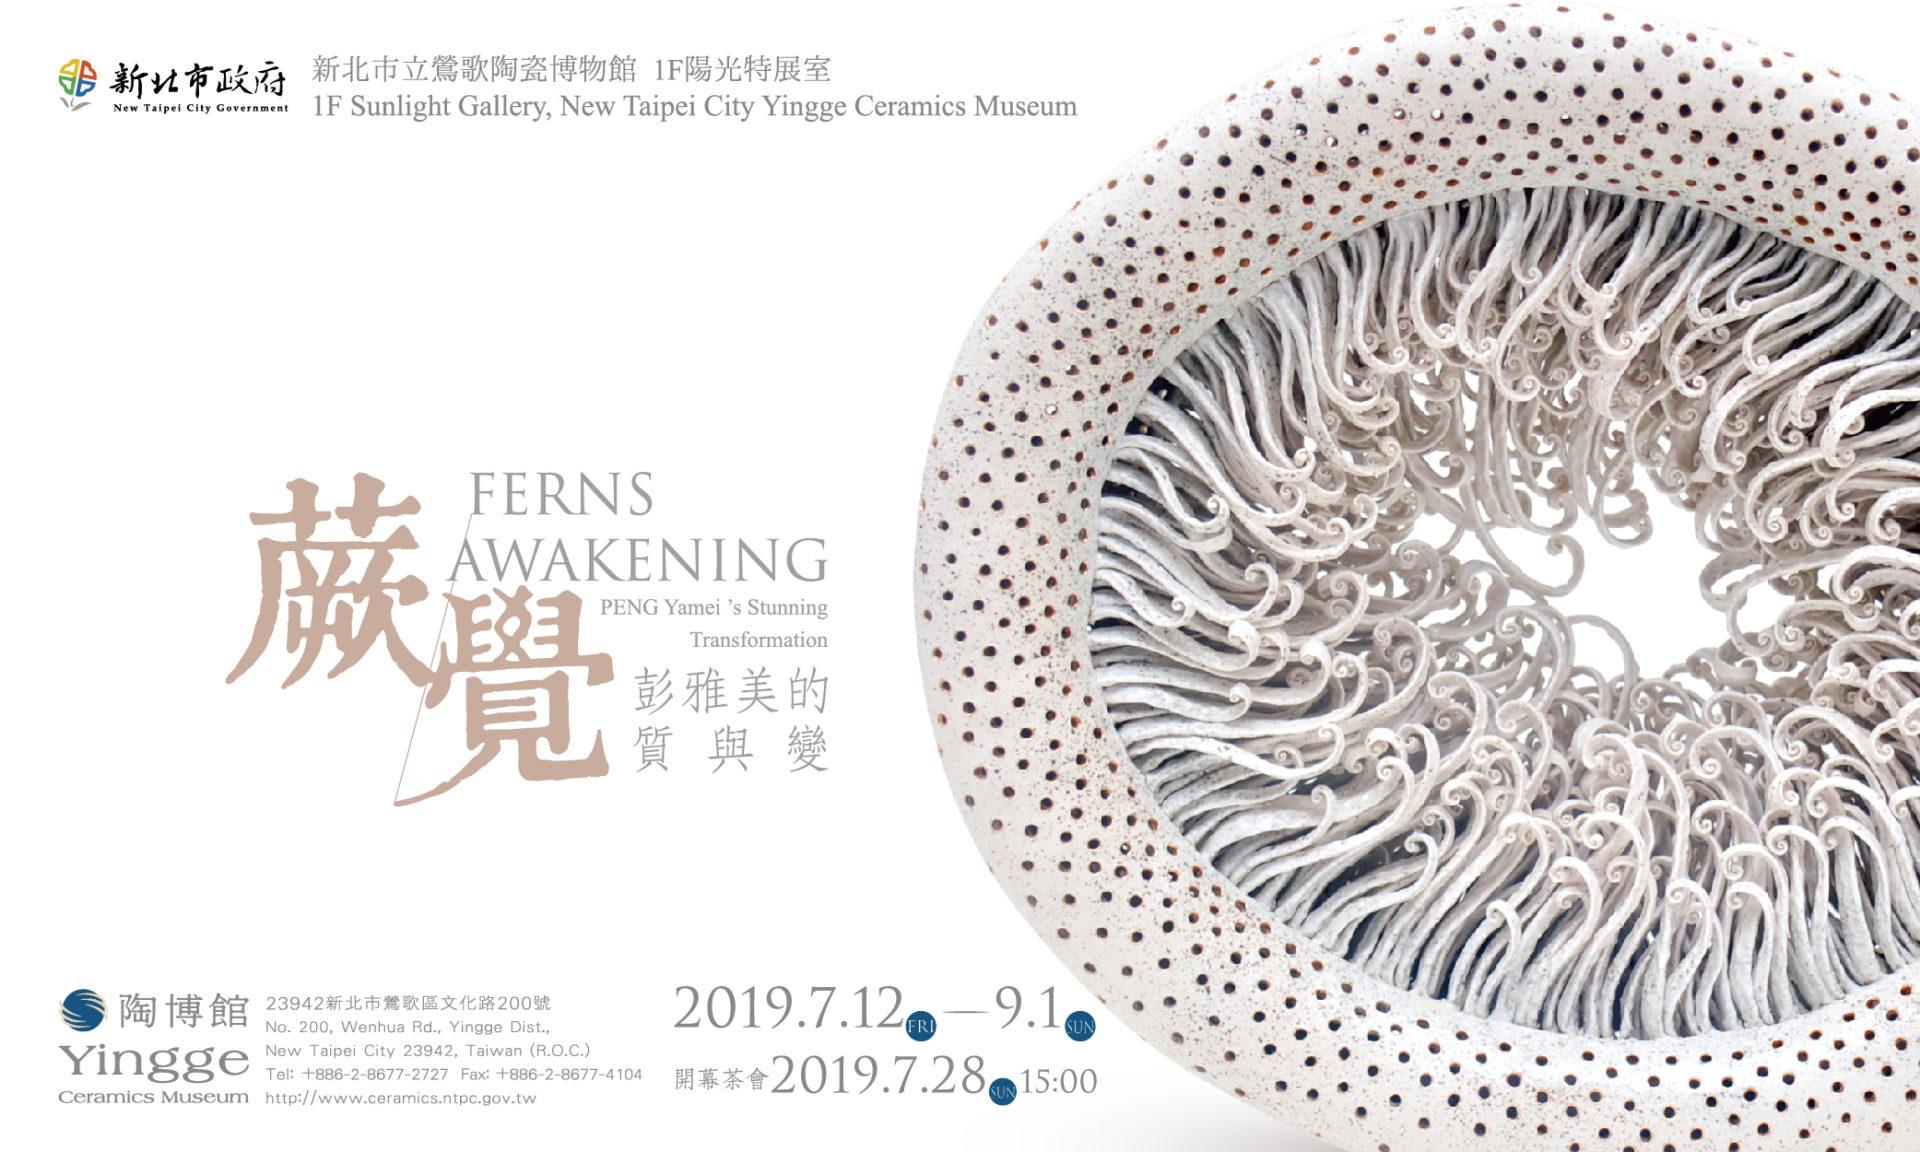 新北市立鶯歌陶瓷博物館:2019/07/12-2019/09/01【蕨‧覺—彭雅美的質與變】